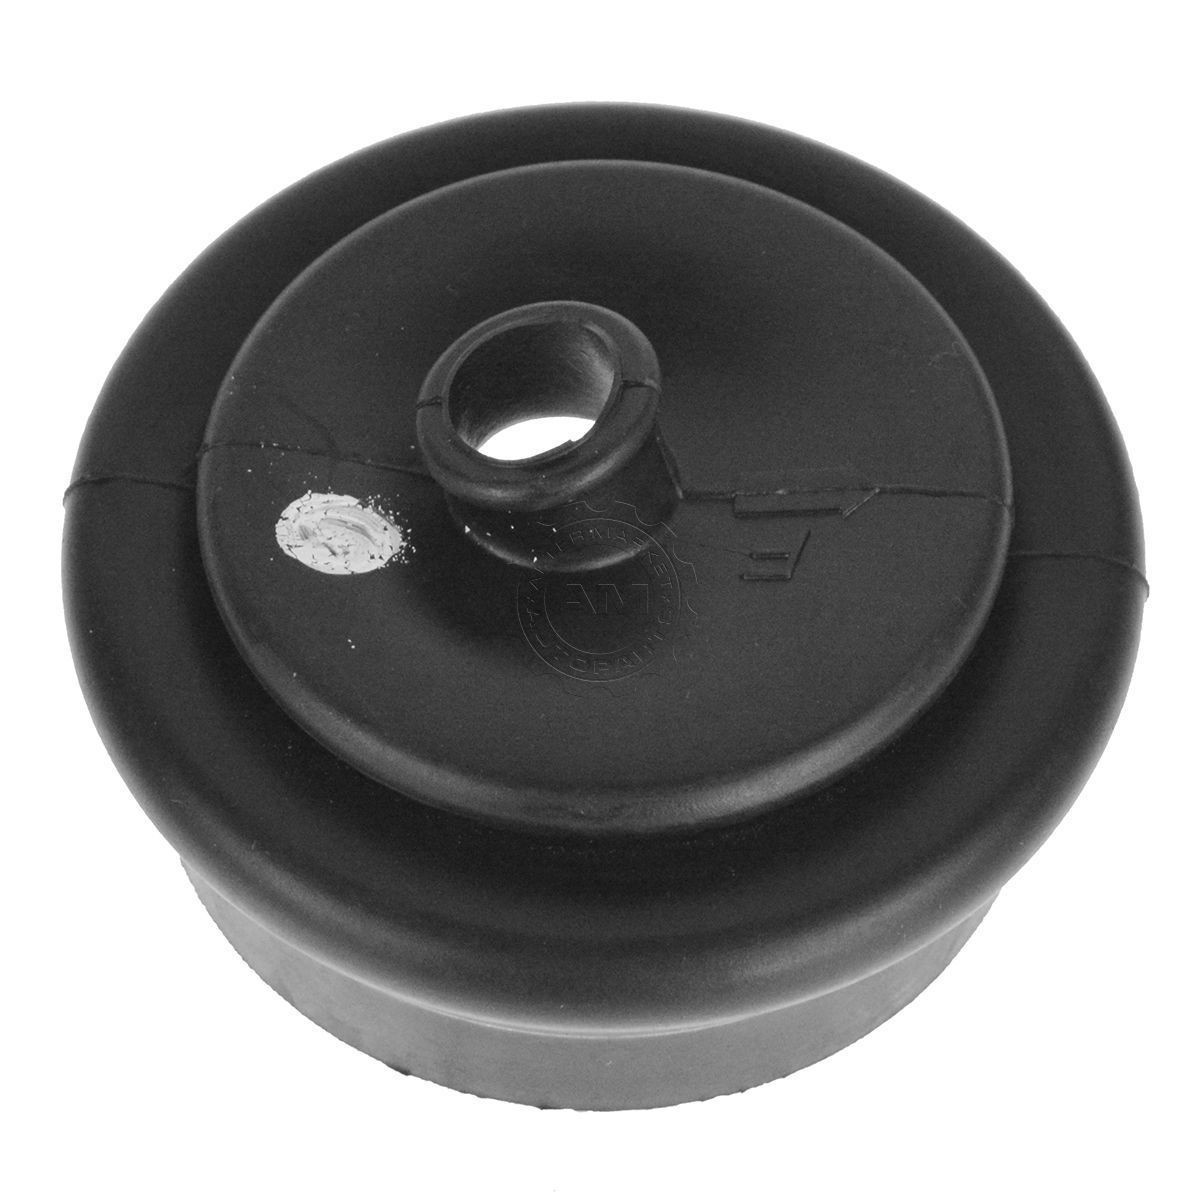 32862-05U00 Nissan OEM Gear Shifter Dust Boot for Nissan Skyline R32 R33 GTR R32 GTST GTS4